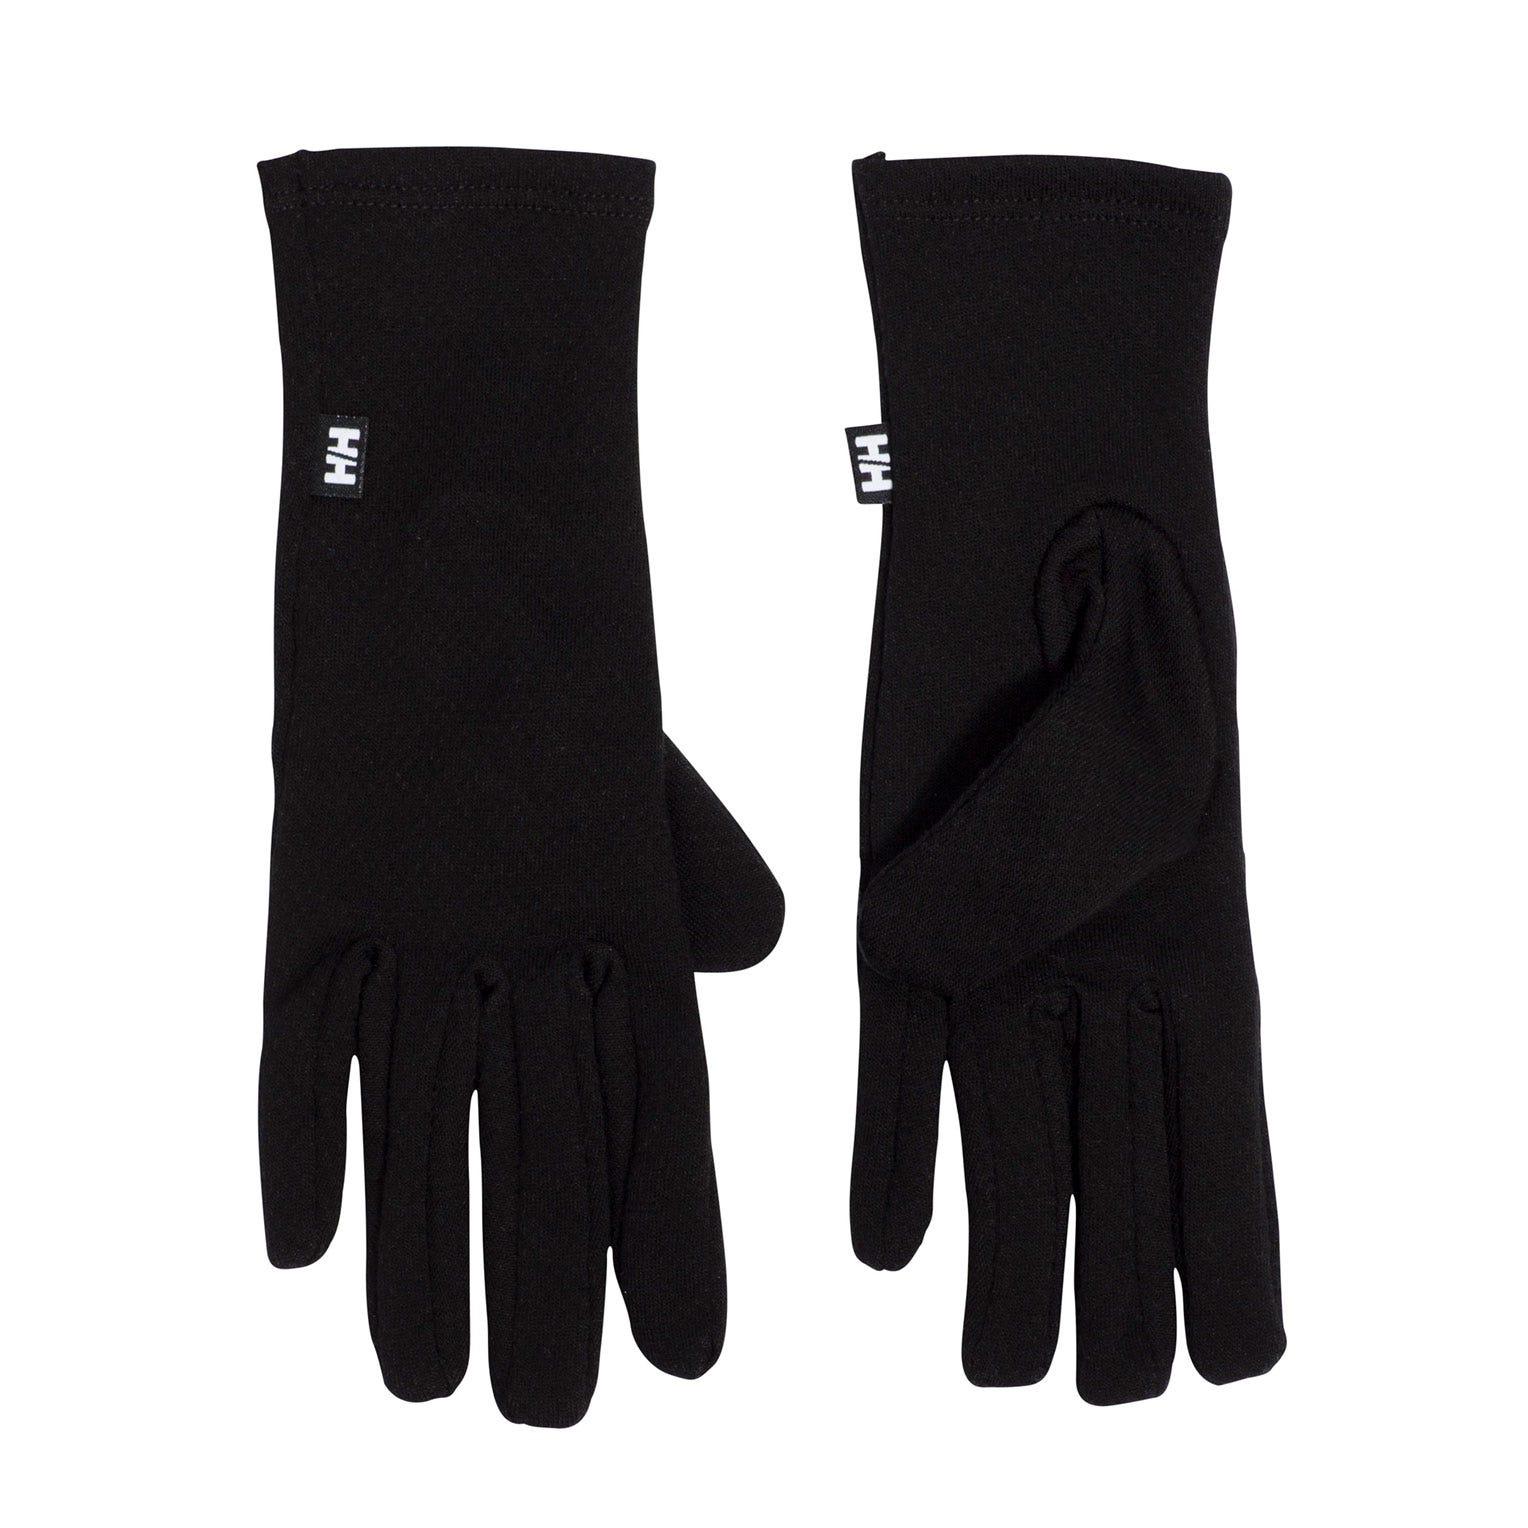 Helly Hansen Warm Glove Liner Baselayer Black L